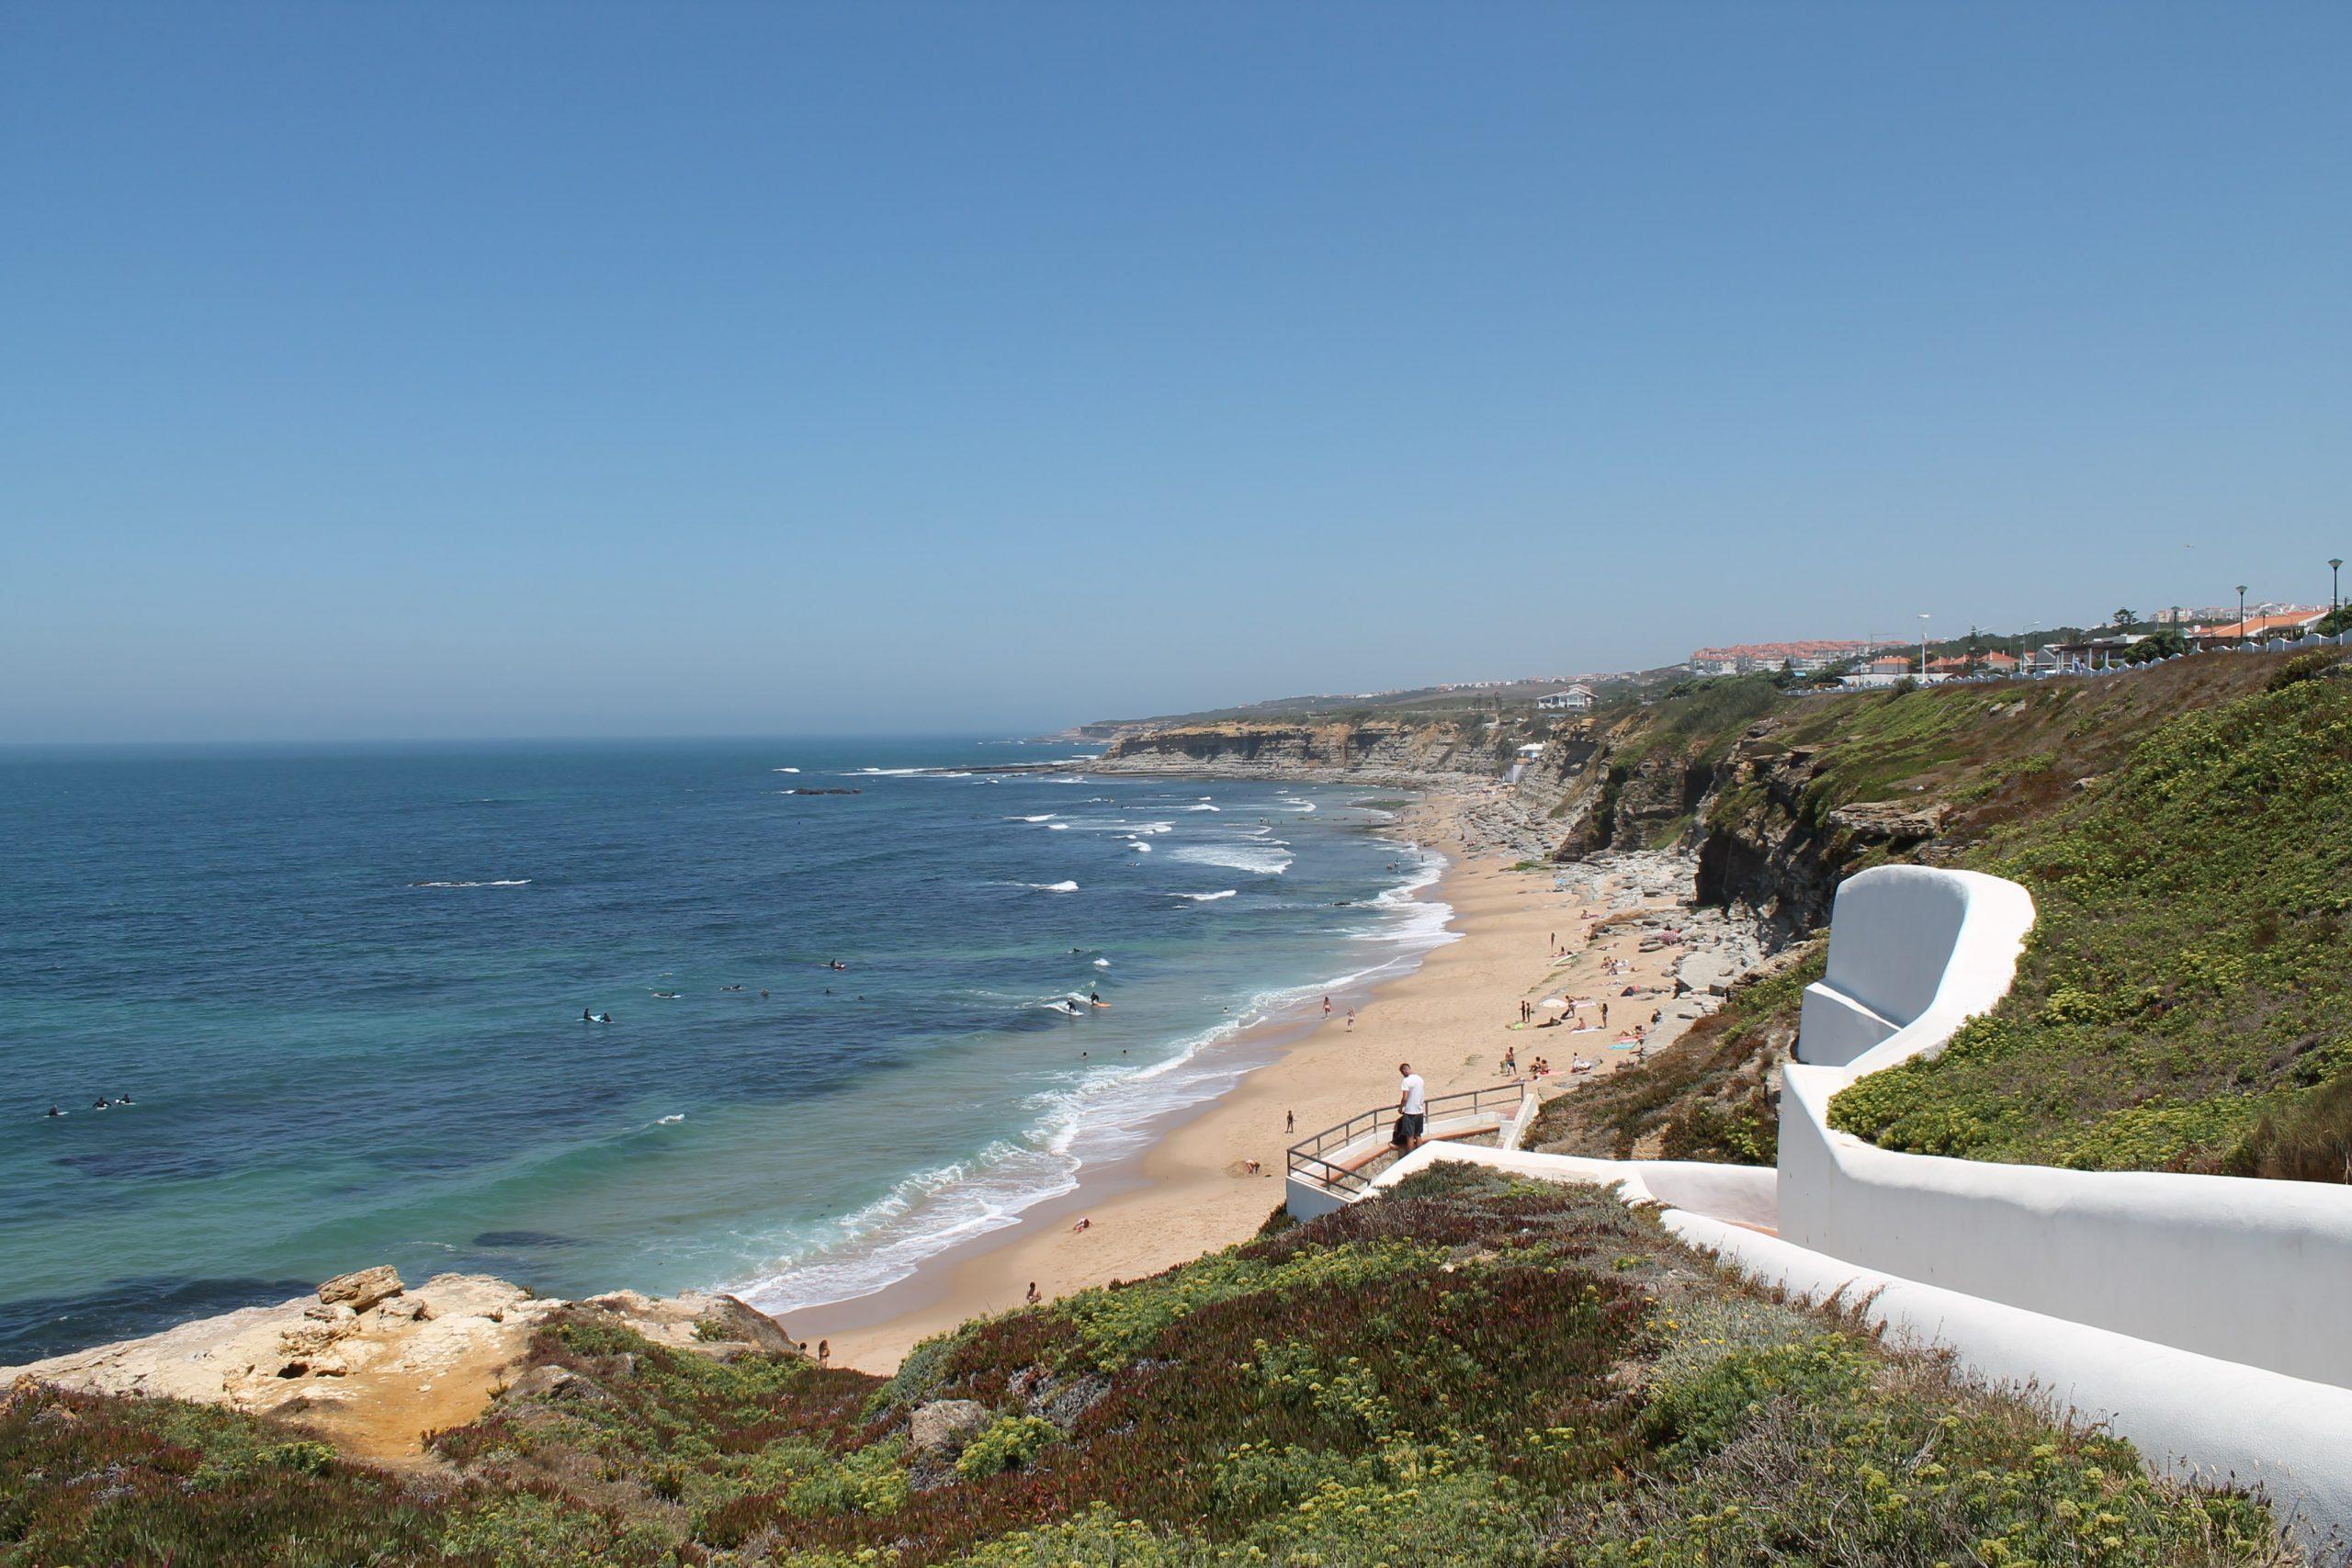 Praia de Sao Sebastiao e Matadouro Ericeira